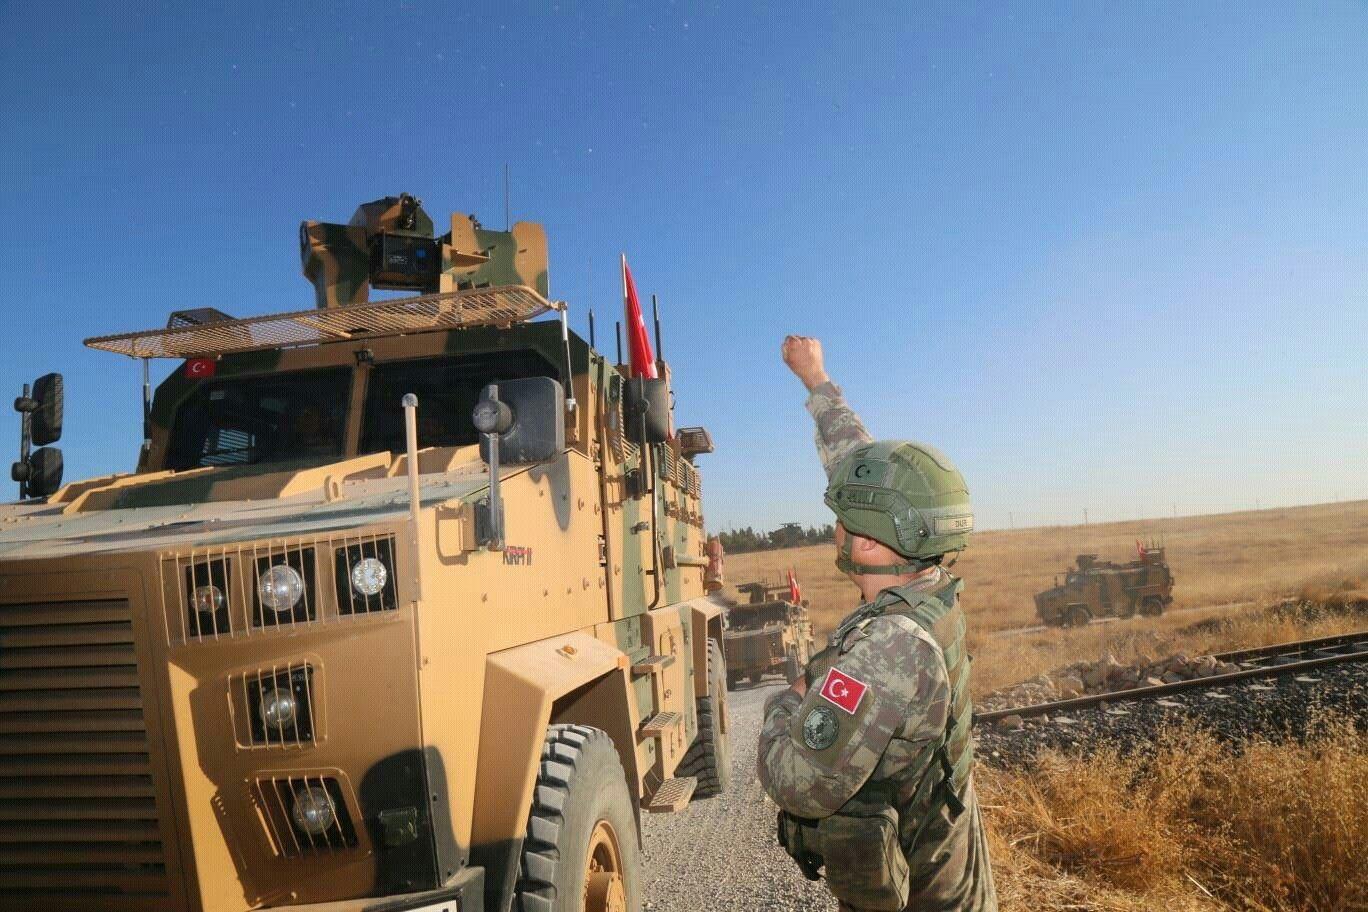 MSB: Tel Rıfat'tan saldırı girişiminde bulunan 7 PKK/YPG'li terörist etkisiz hale getirildi